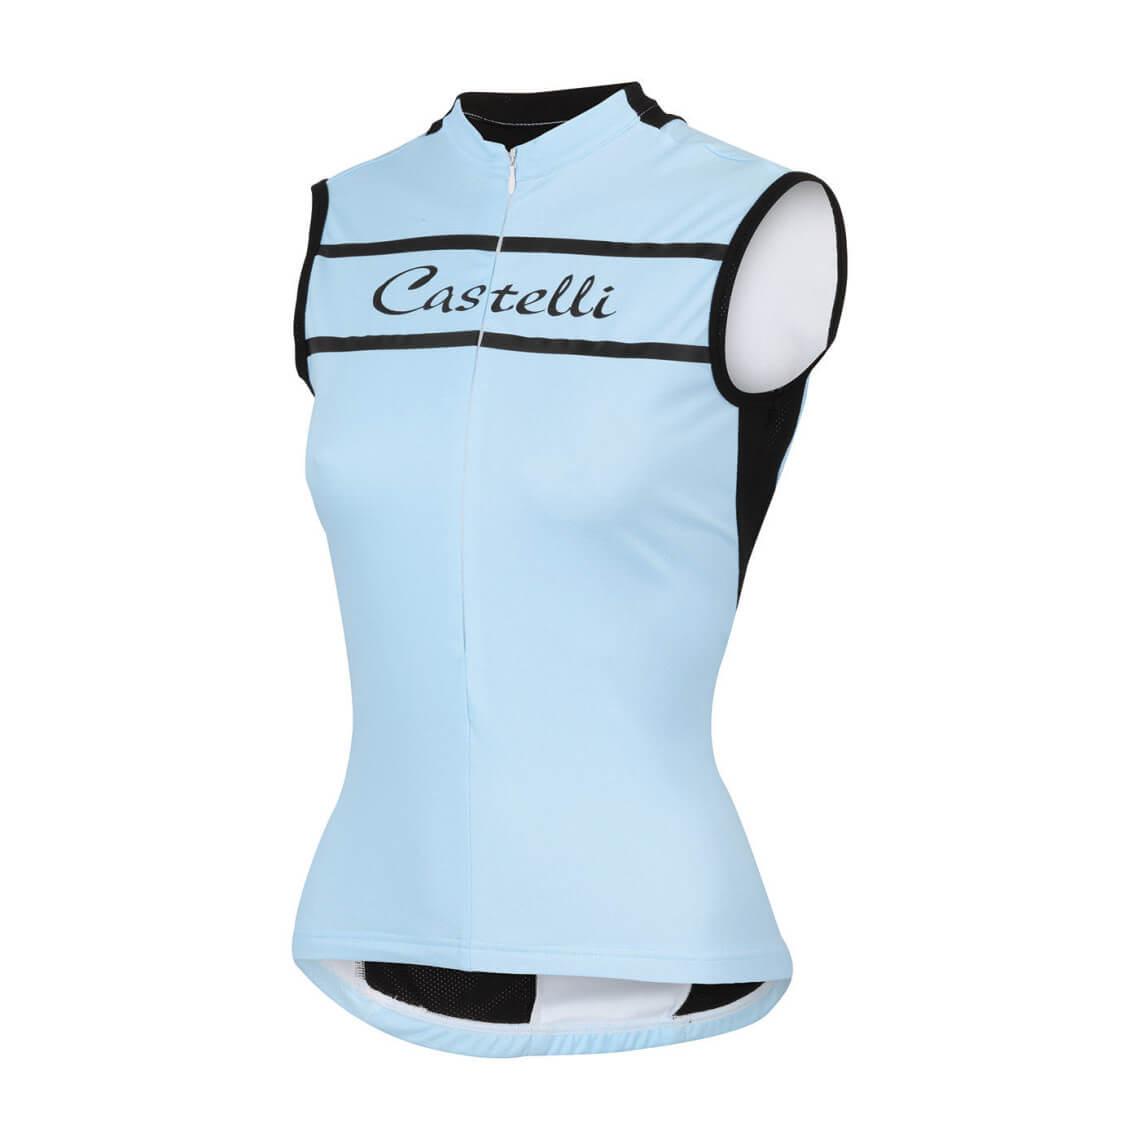 vrouwen wielrennen castelli